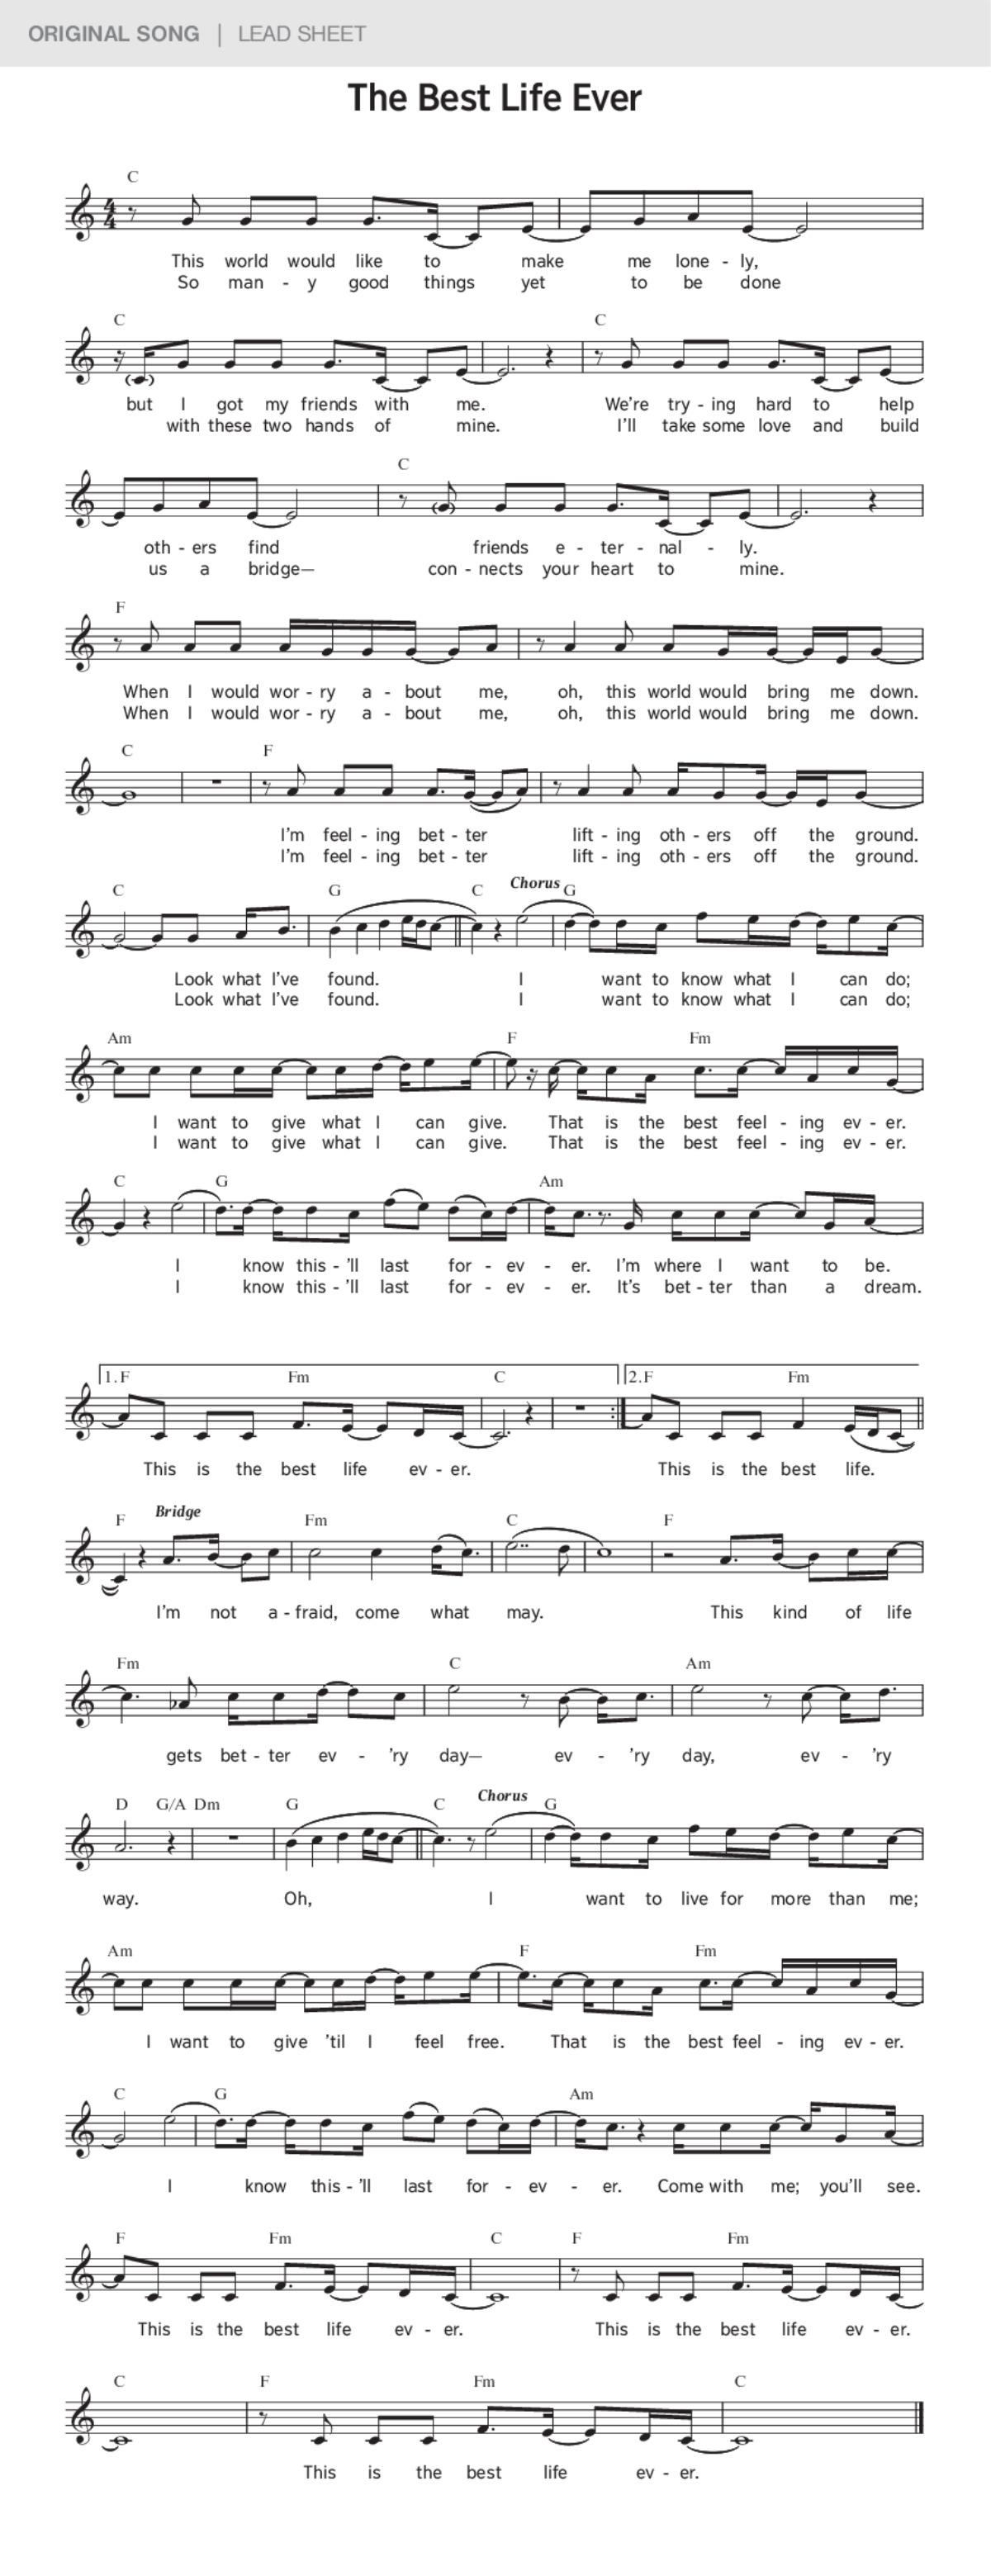 The Best Life Ever Jw Org Original Songs Lyrics Log in (opens new window). the best life ever jw org original